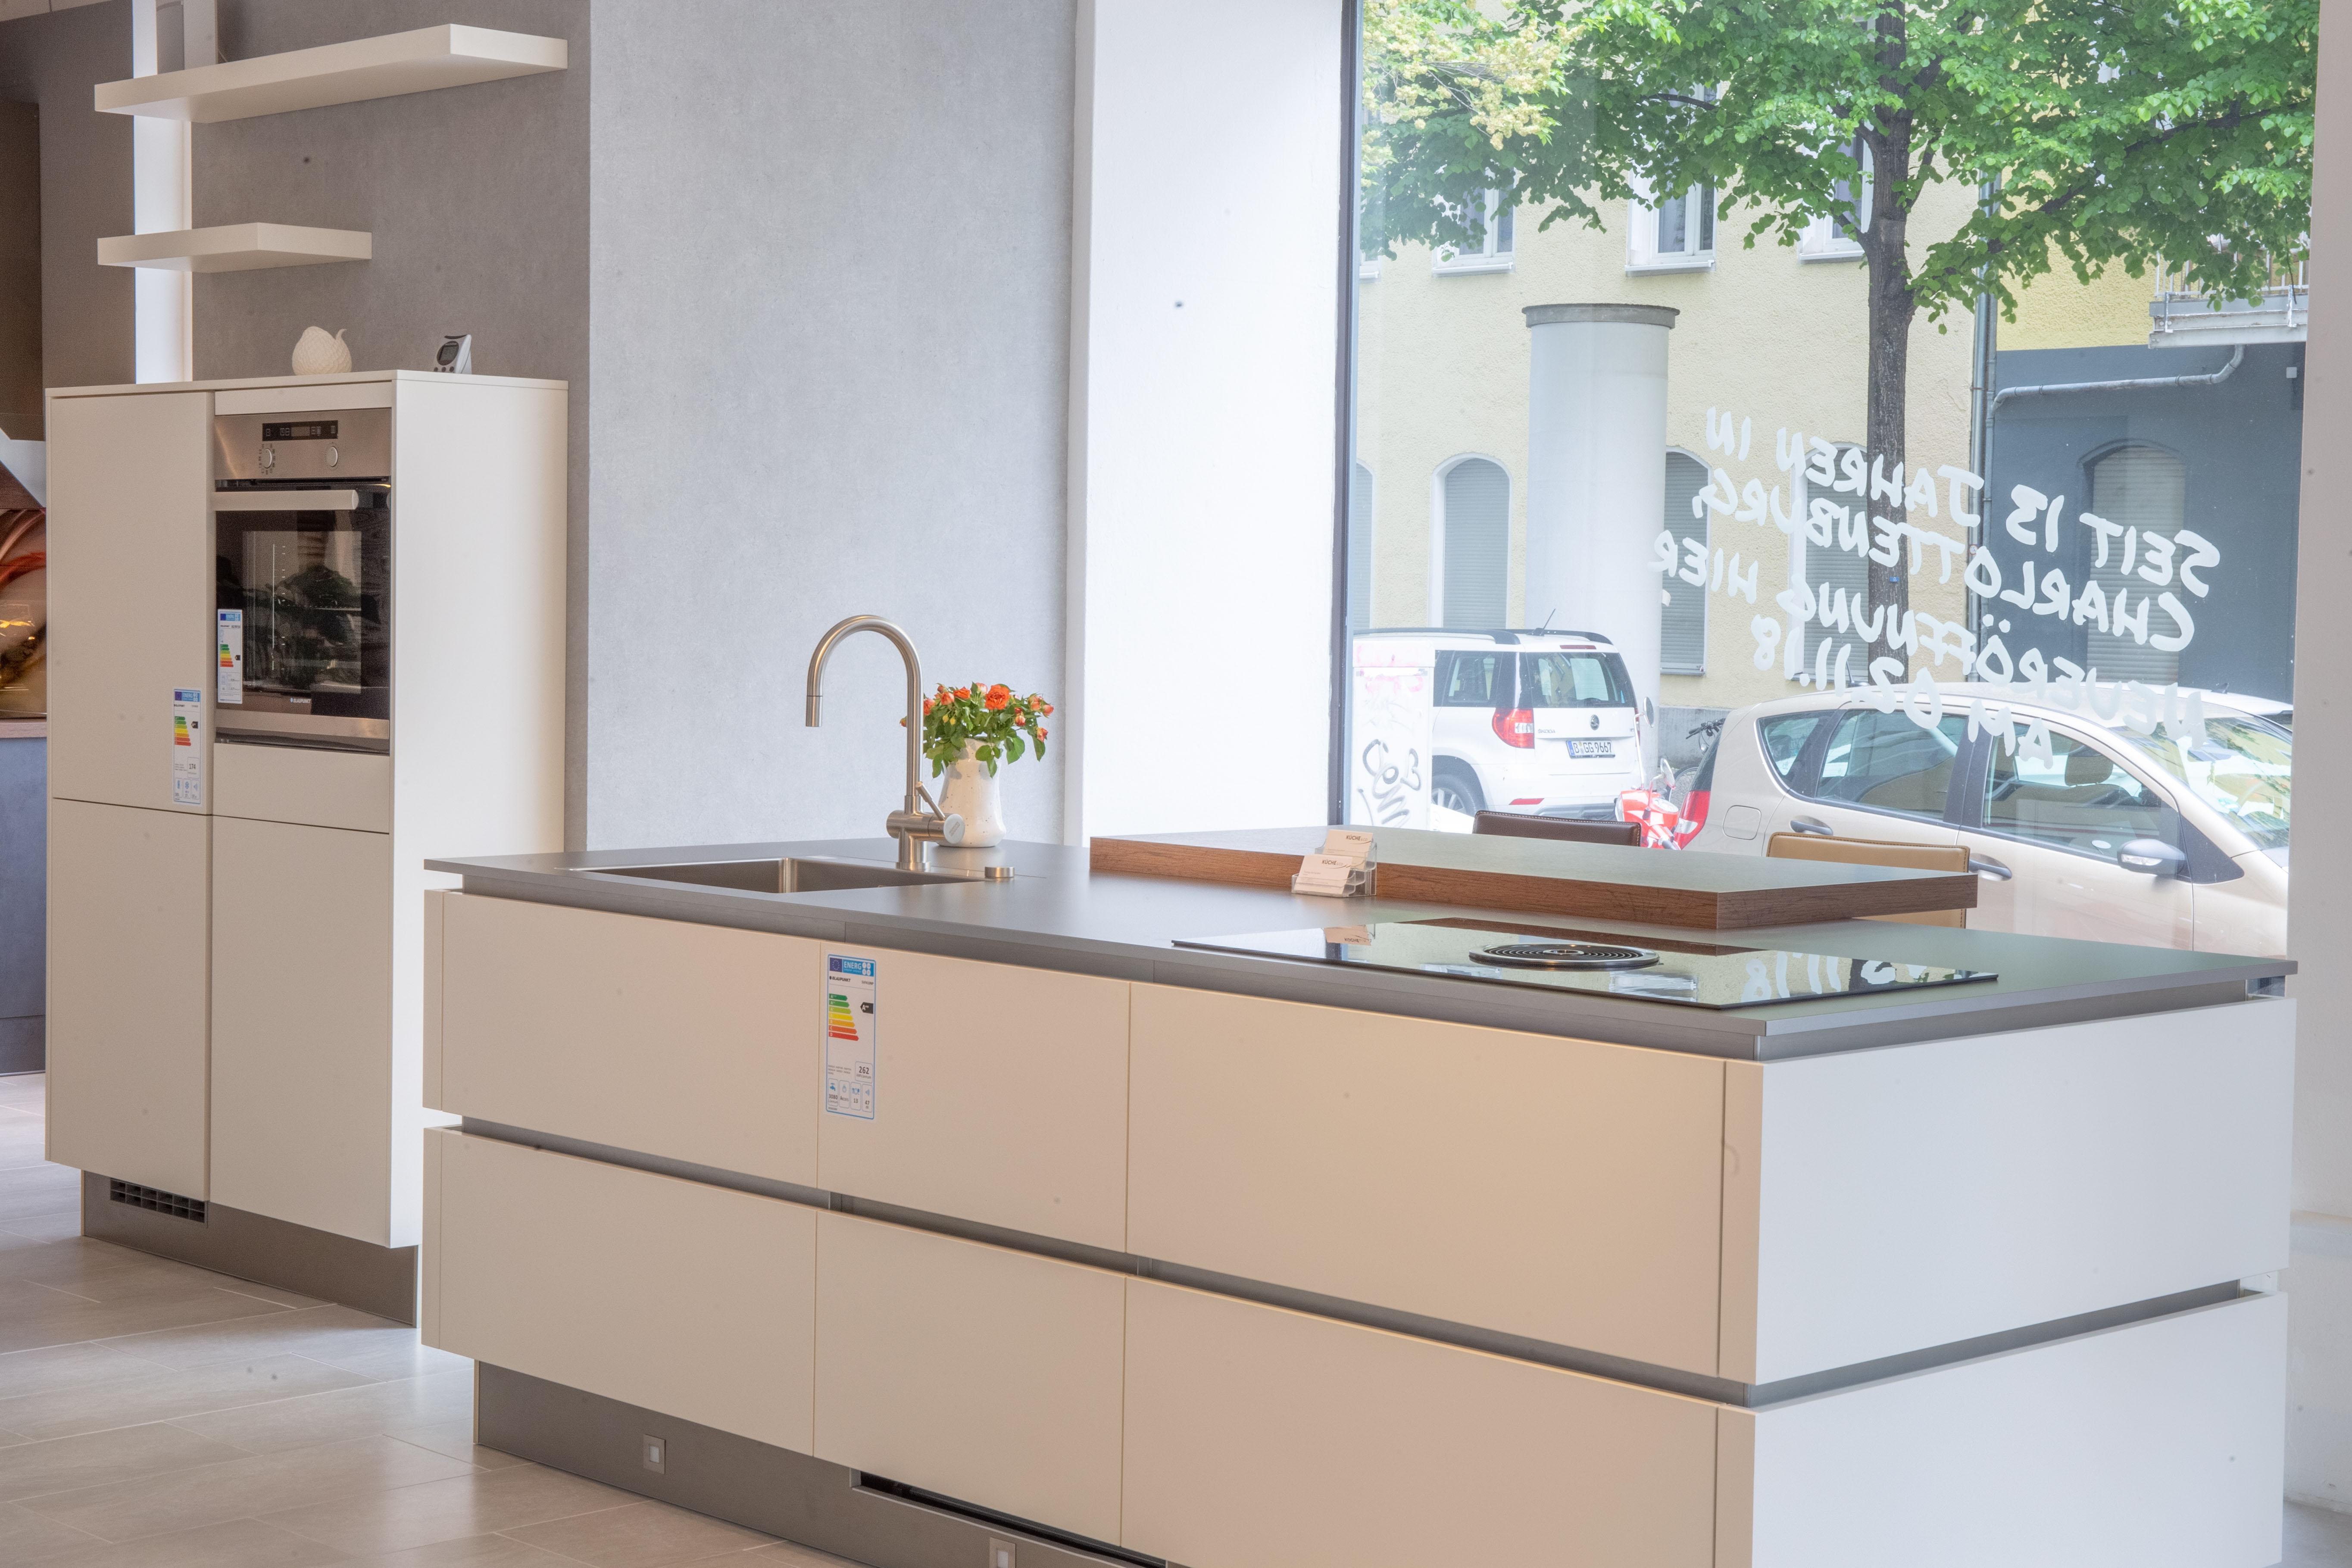 Küche&Co Berlin - Charlottenburg